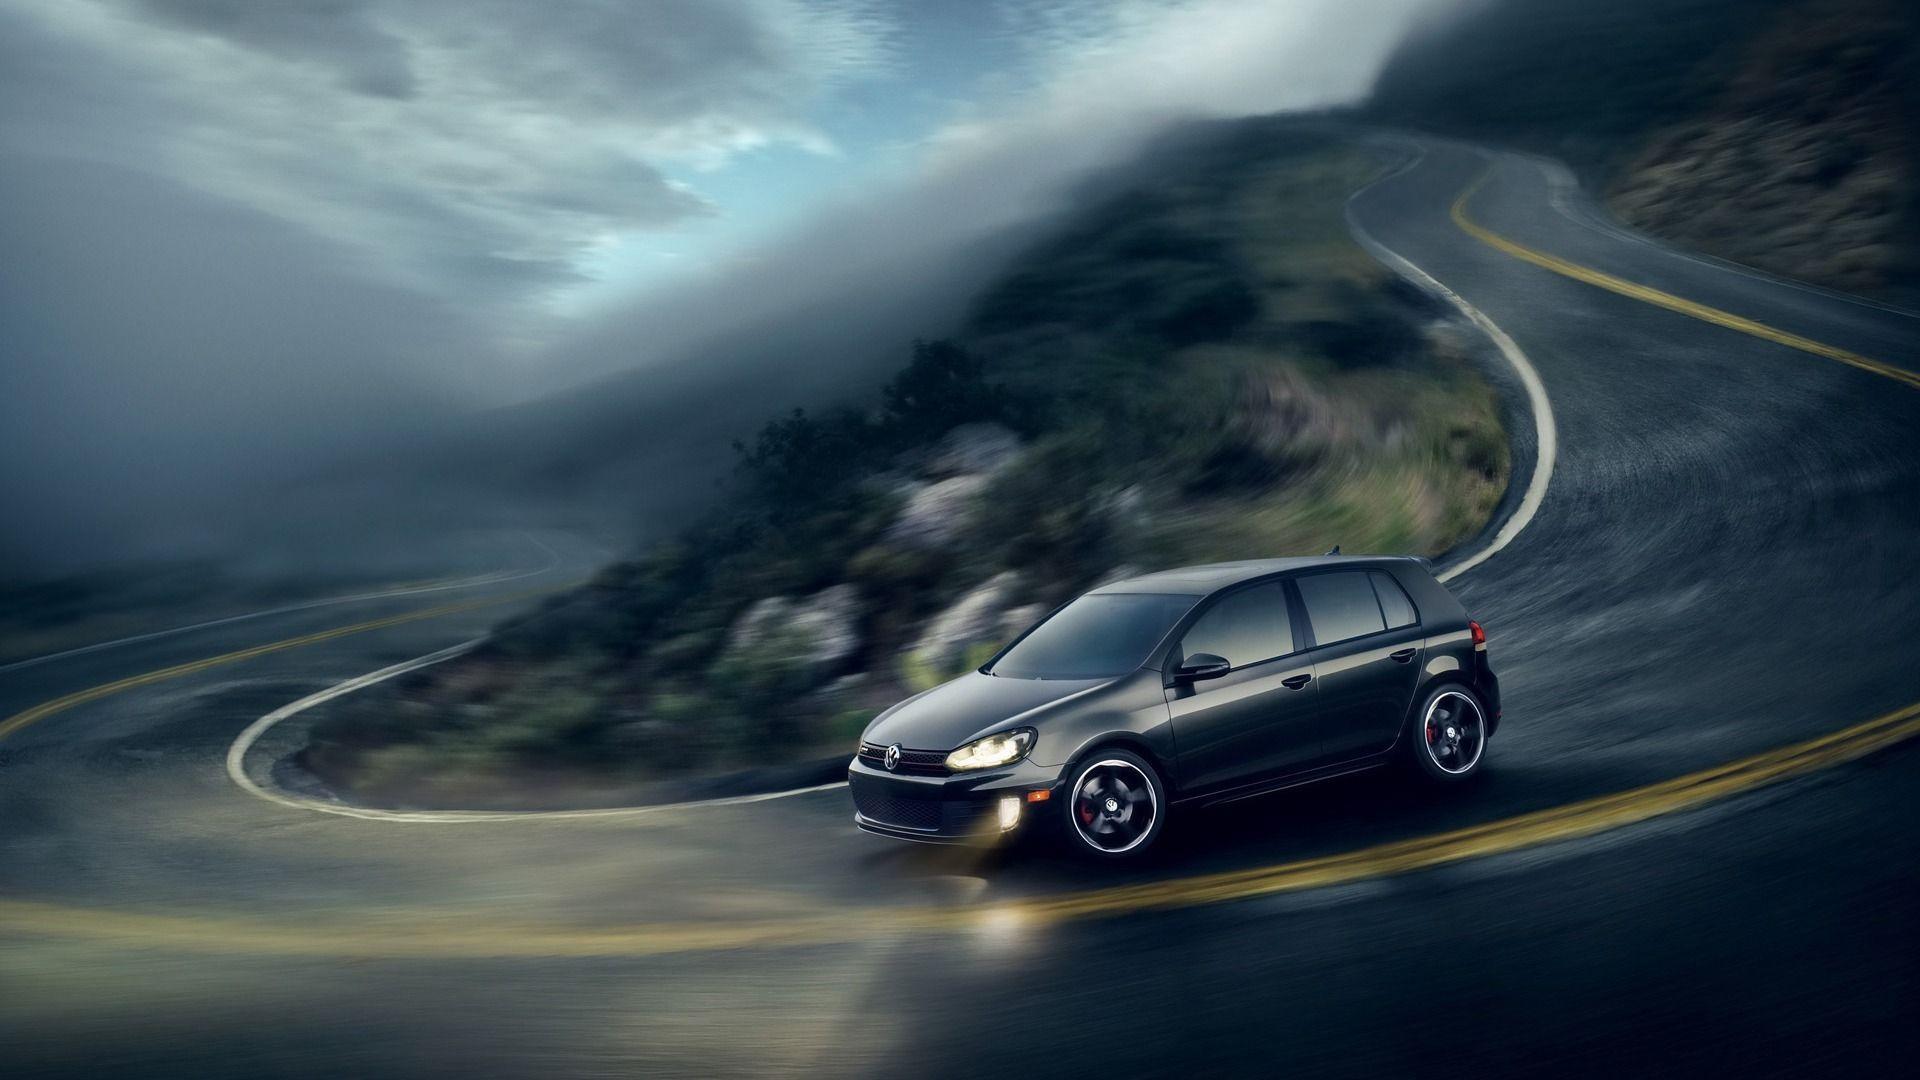 Golf R 0 60 >> Volkswagen Golf GTI Wallpapers - Wallpaper Cave